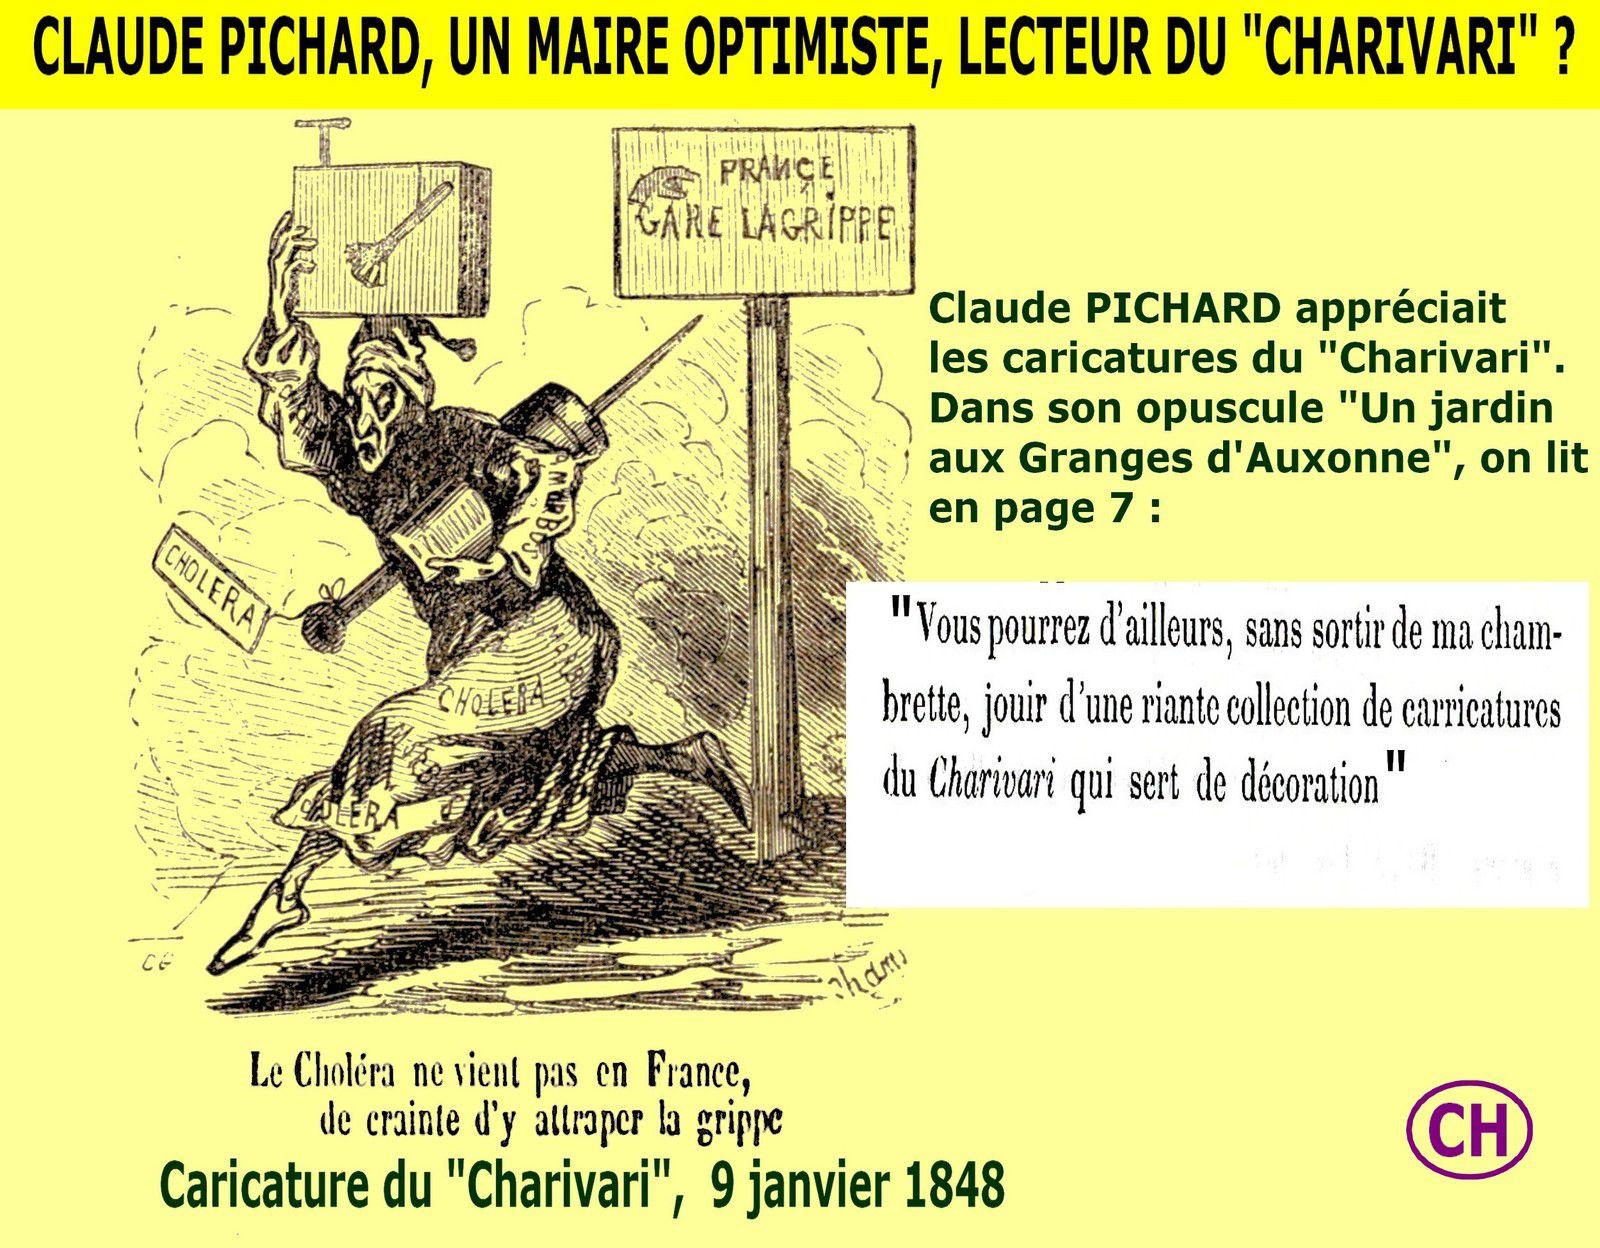 Claude Pichard, un maire optimiste lecteur du Charivari.jpg